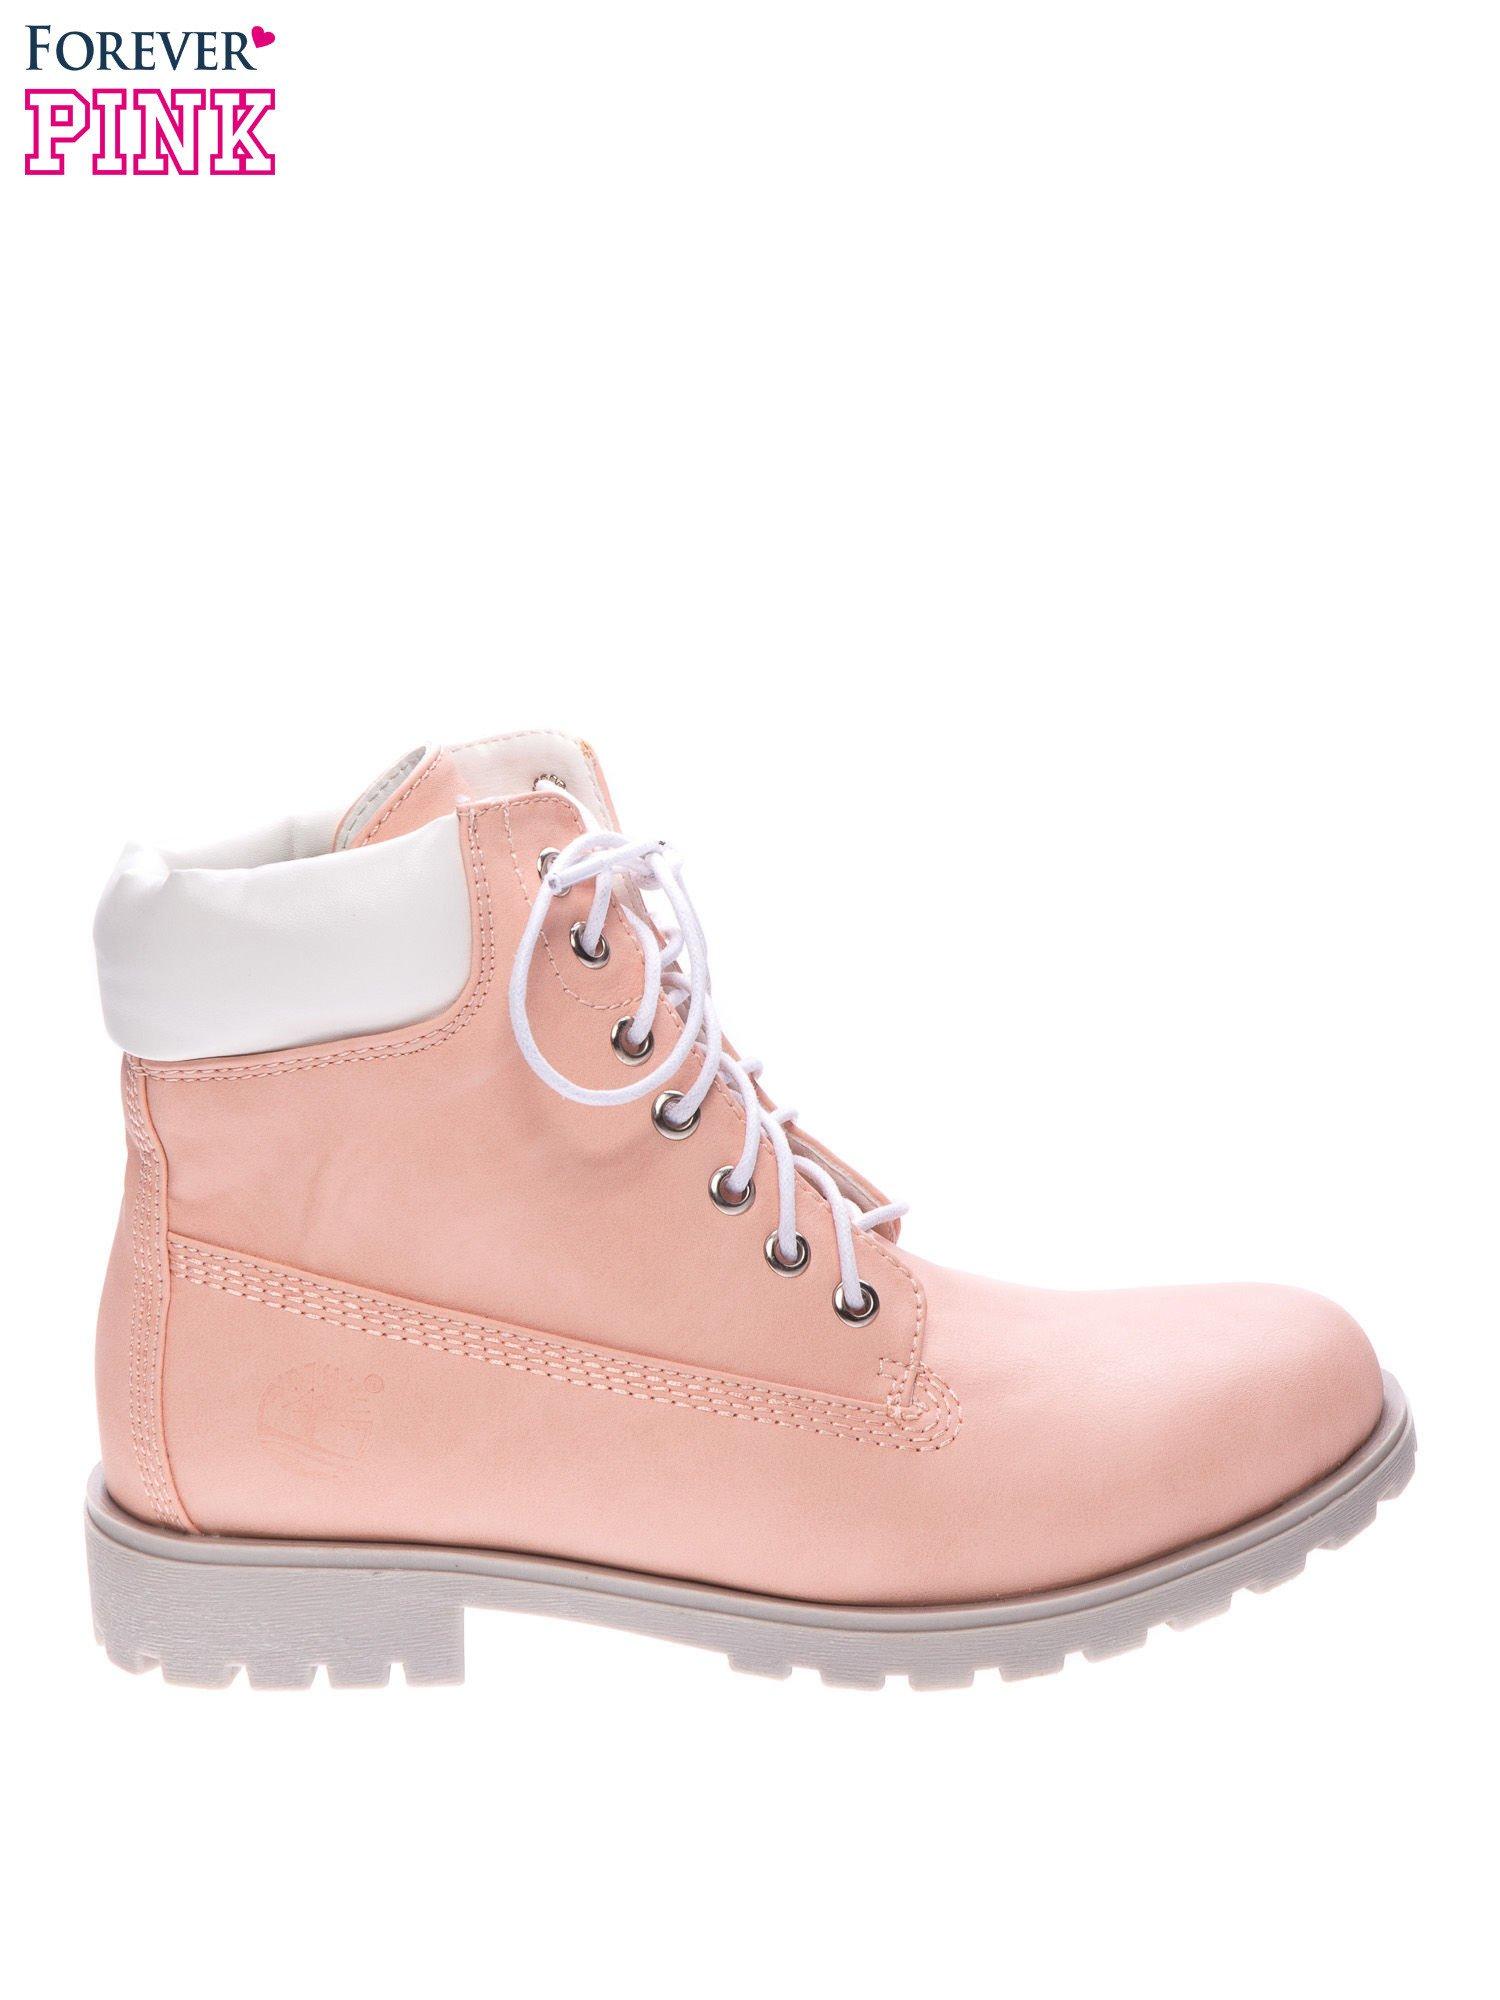 bdd5be47 Różowe buty trekkingowe damskie typu timberki - Buty Buty ...